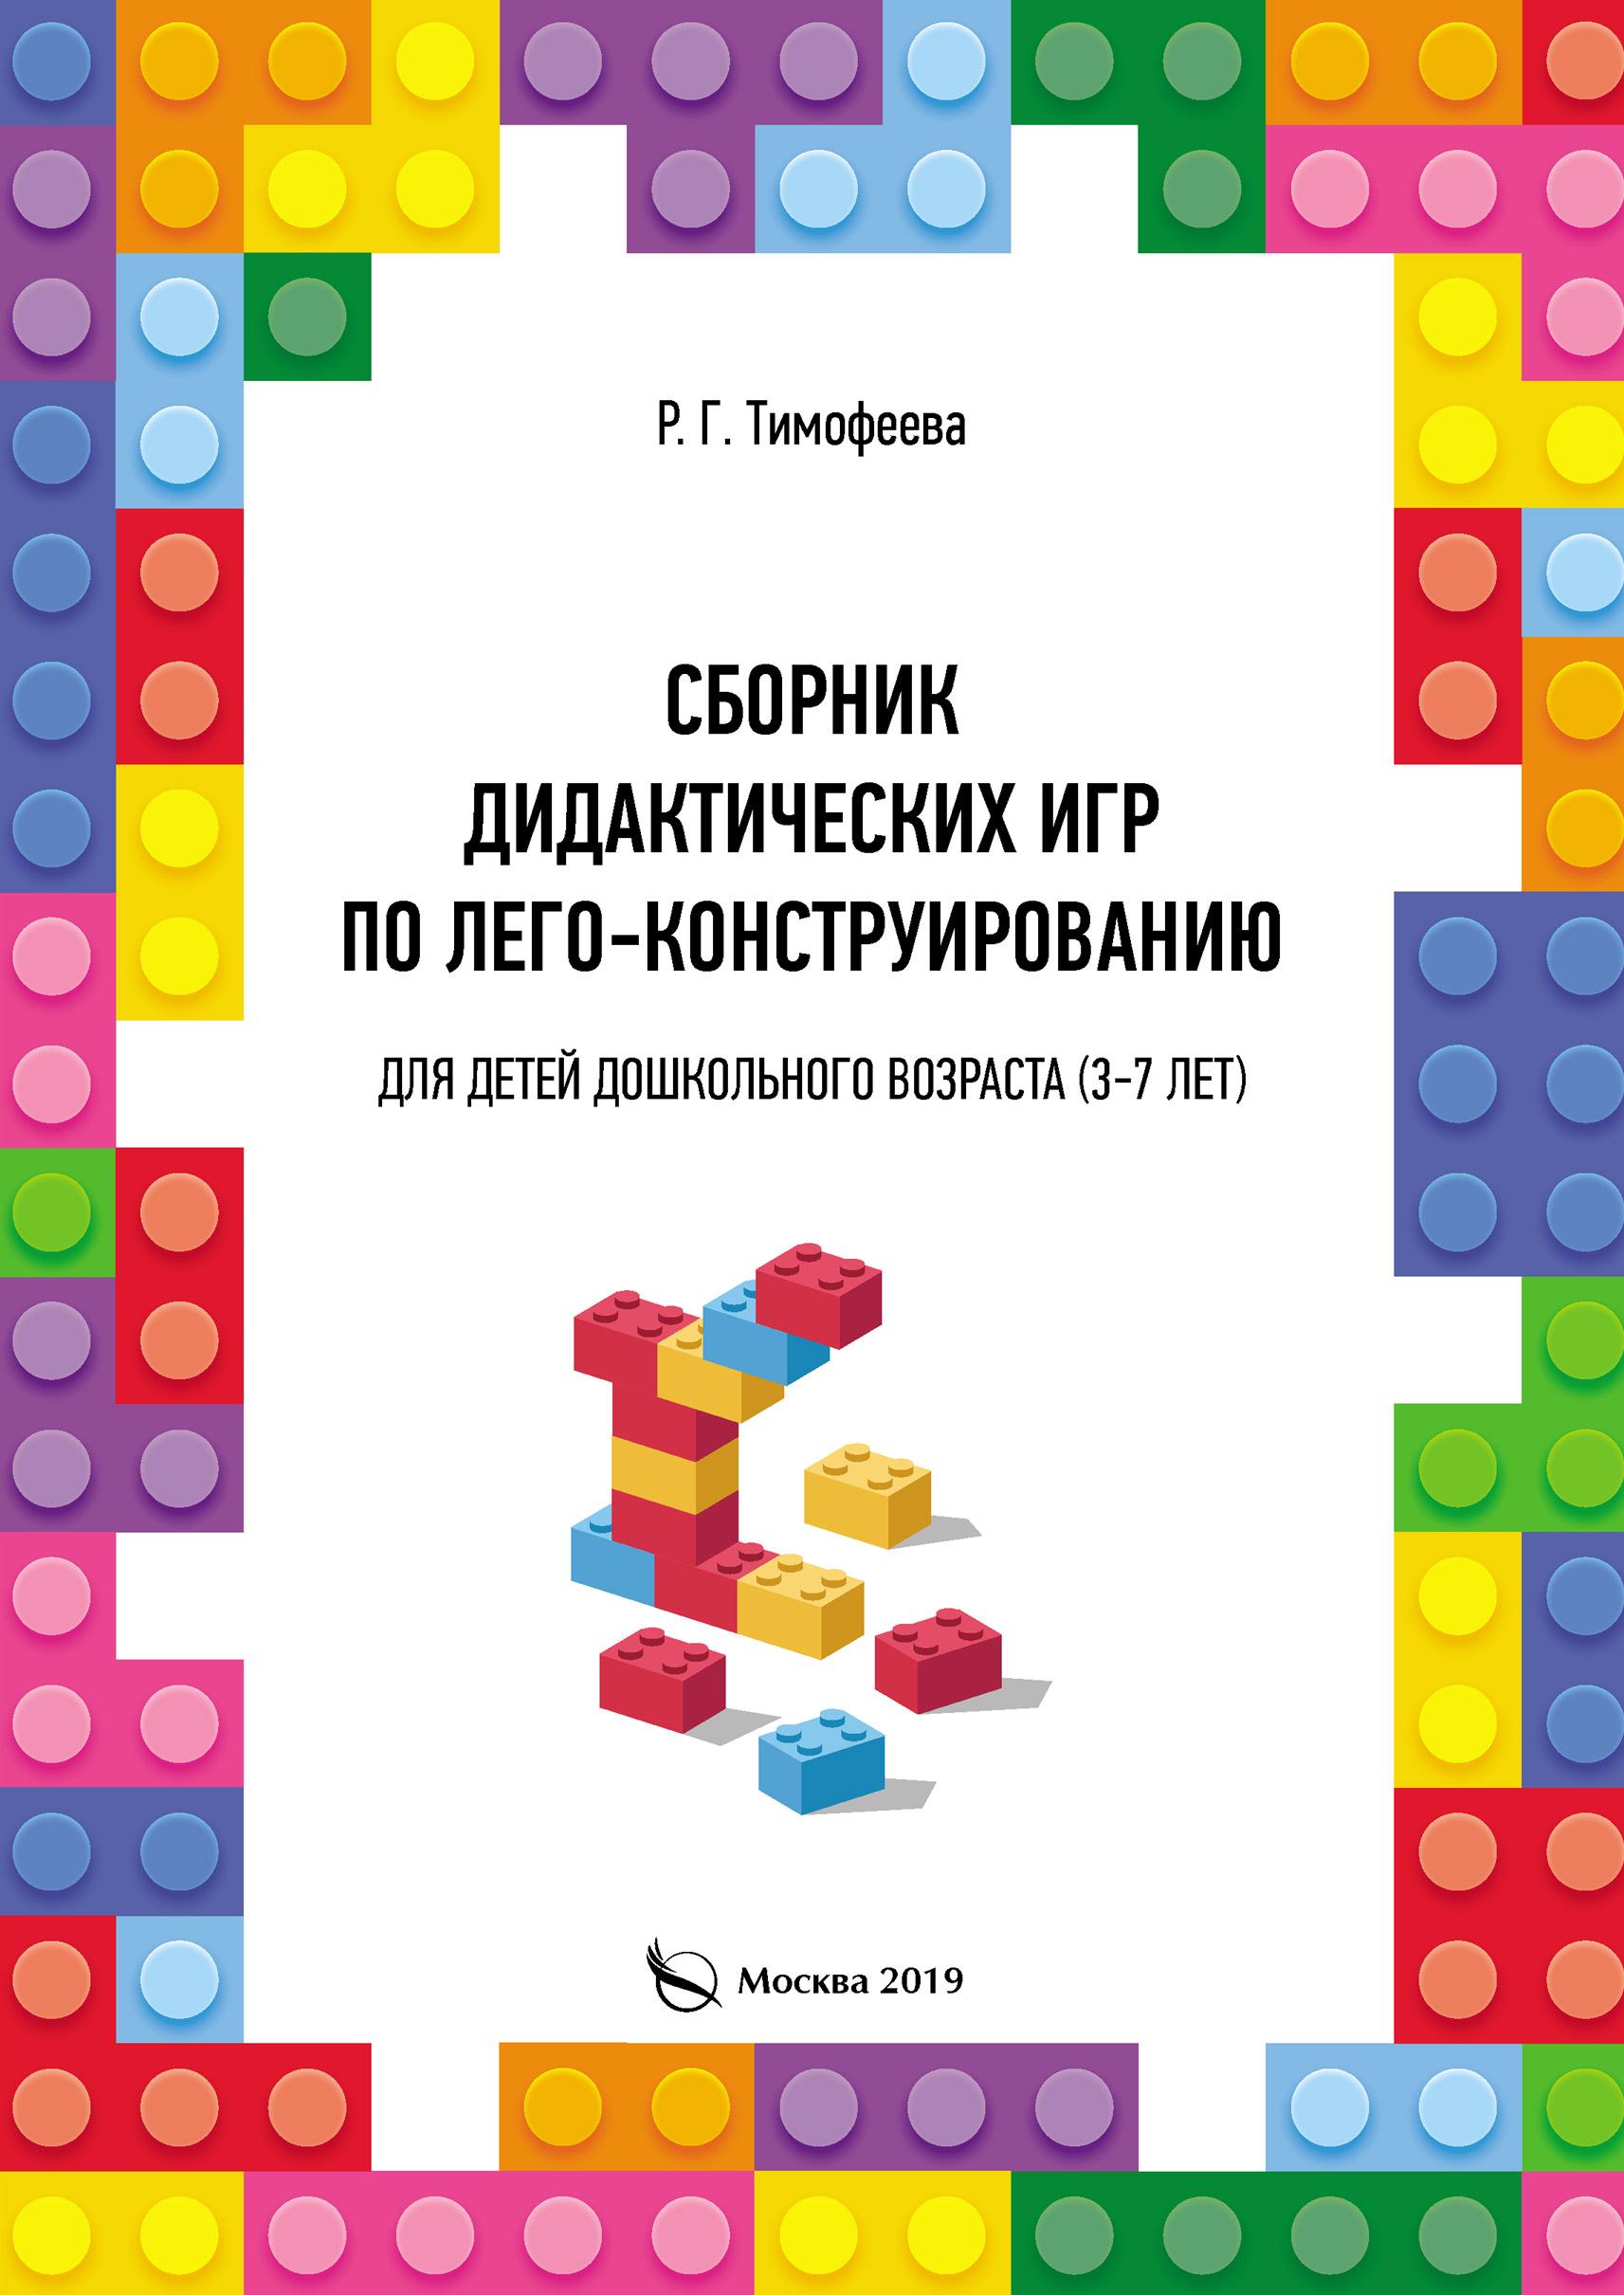 Раиса Геннадьевна Тимофеева Сборник дидактических игр по лего-конструированию для детей дошкольного возраста (3-7 лет) цена 2017